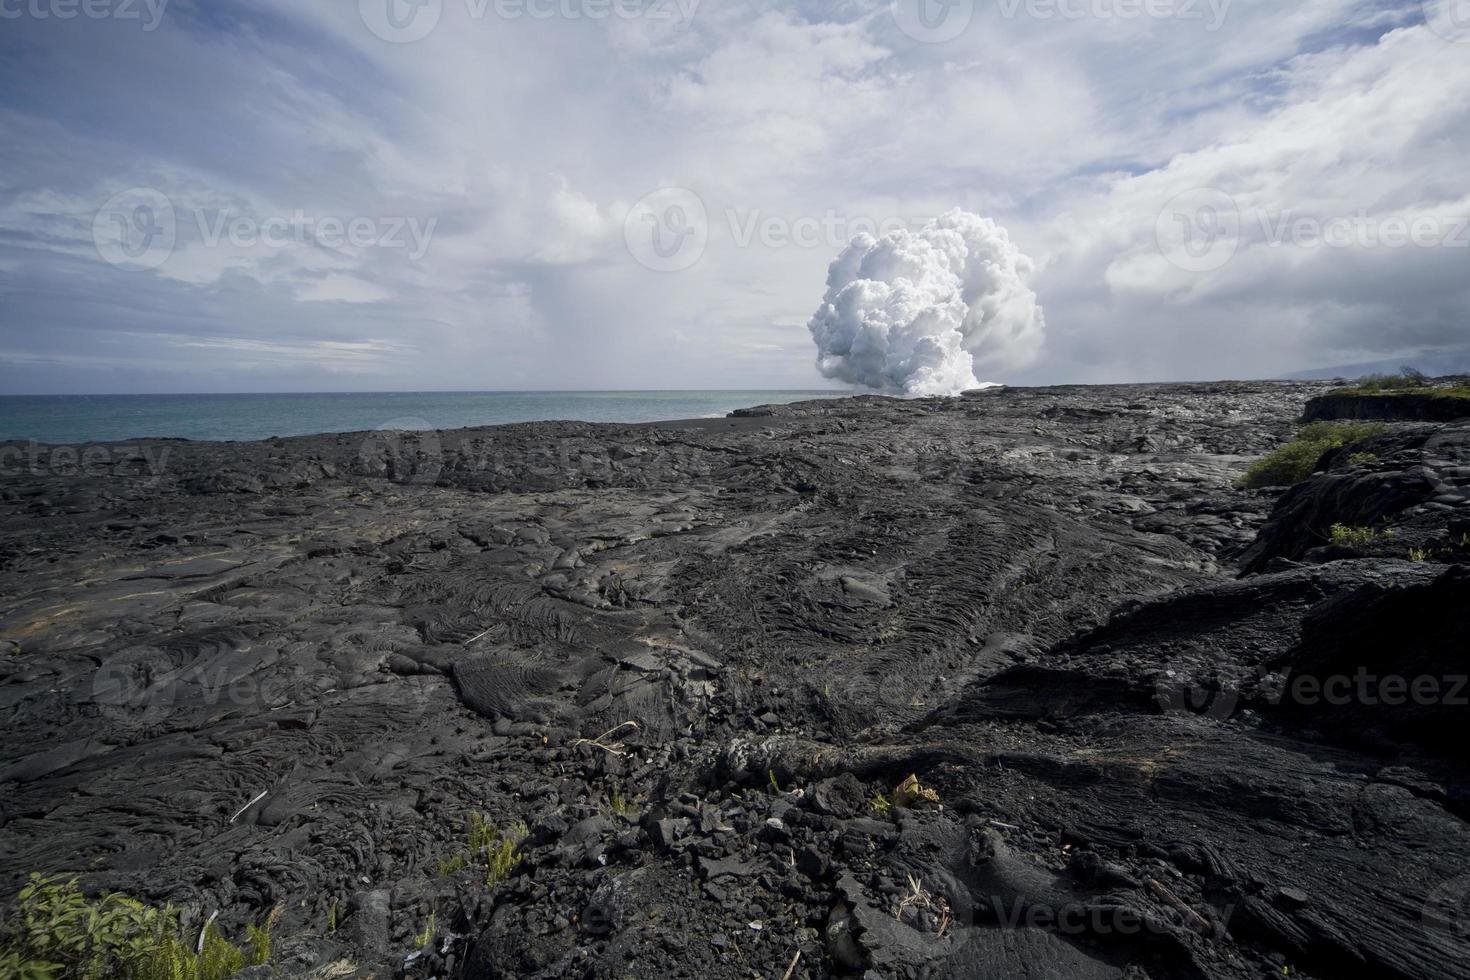 Lavafeldansicht der Dampfwolke foto